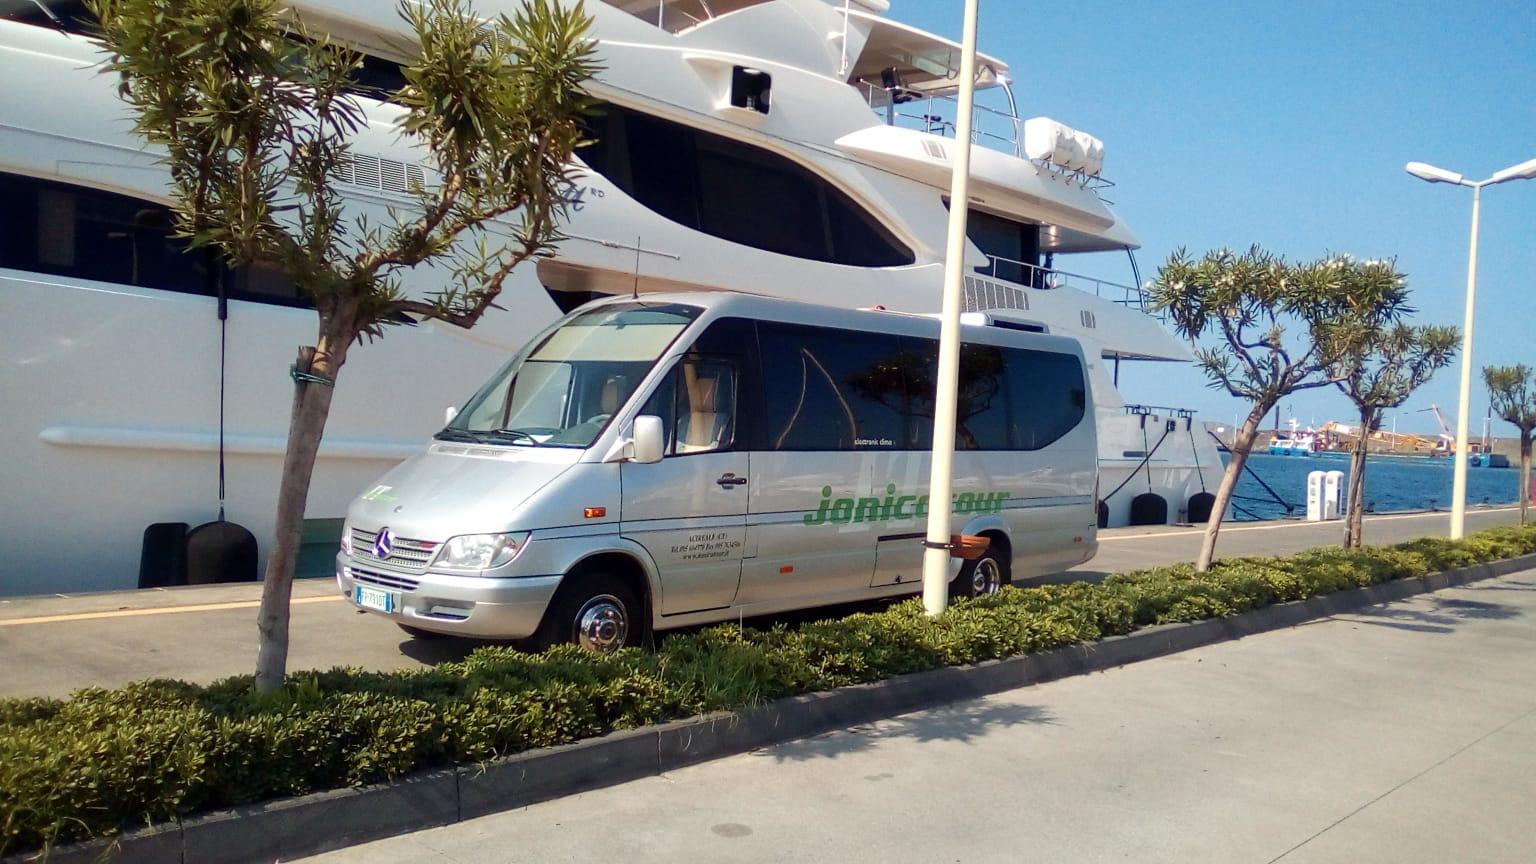 Minibus jonicatour for yatch